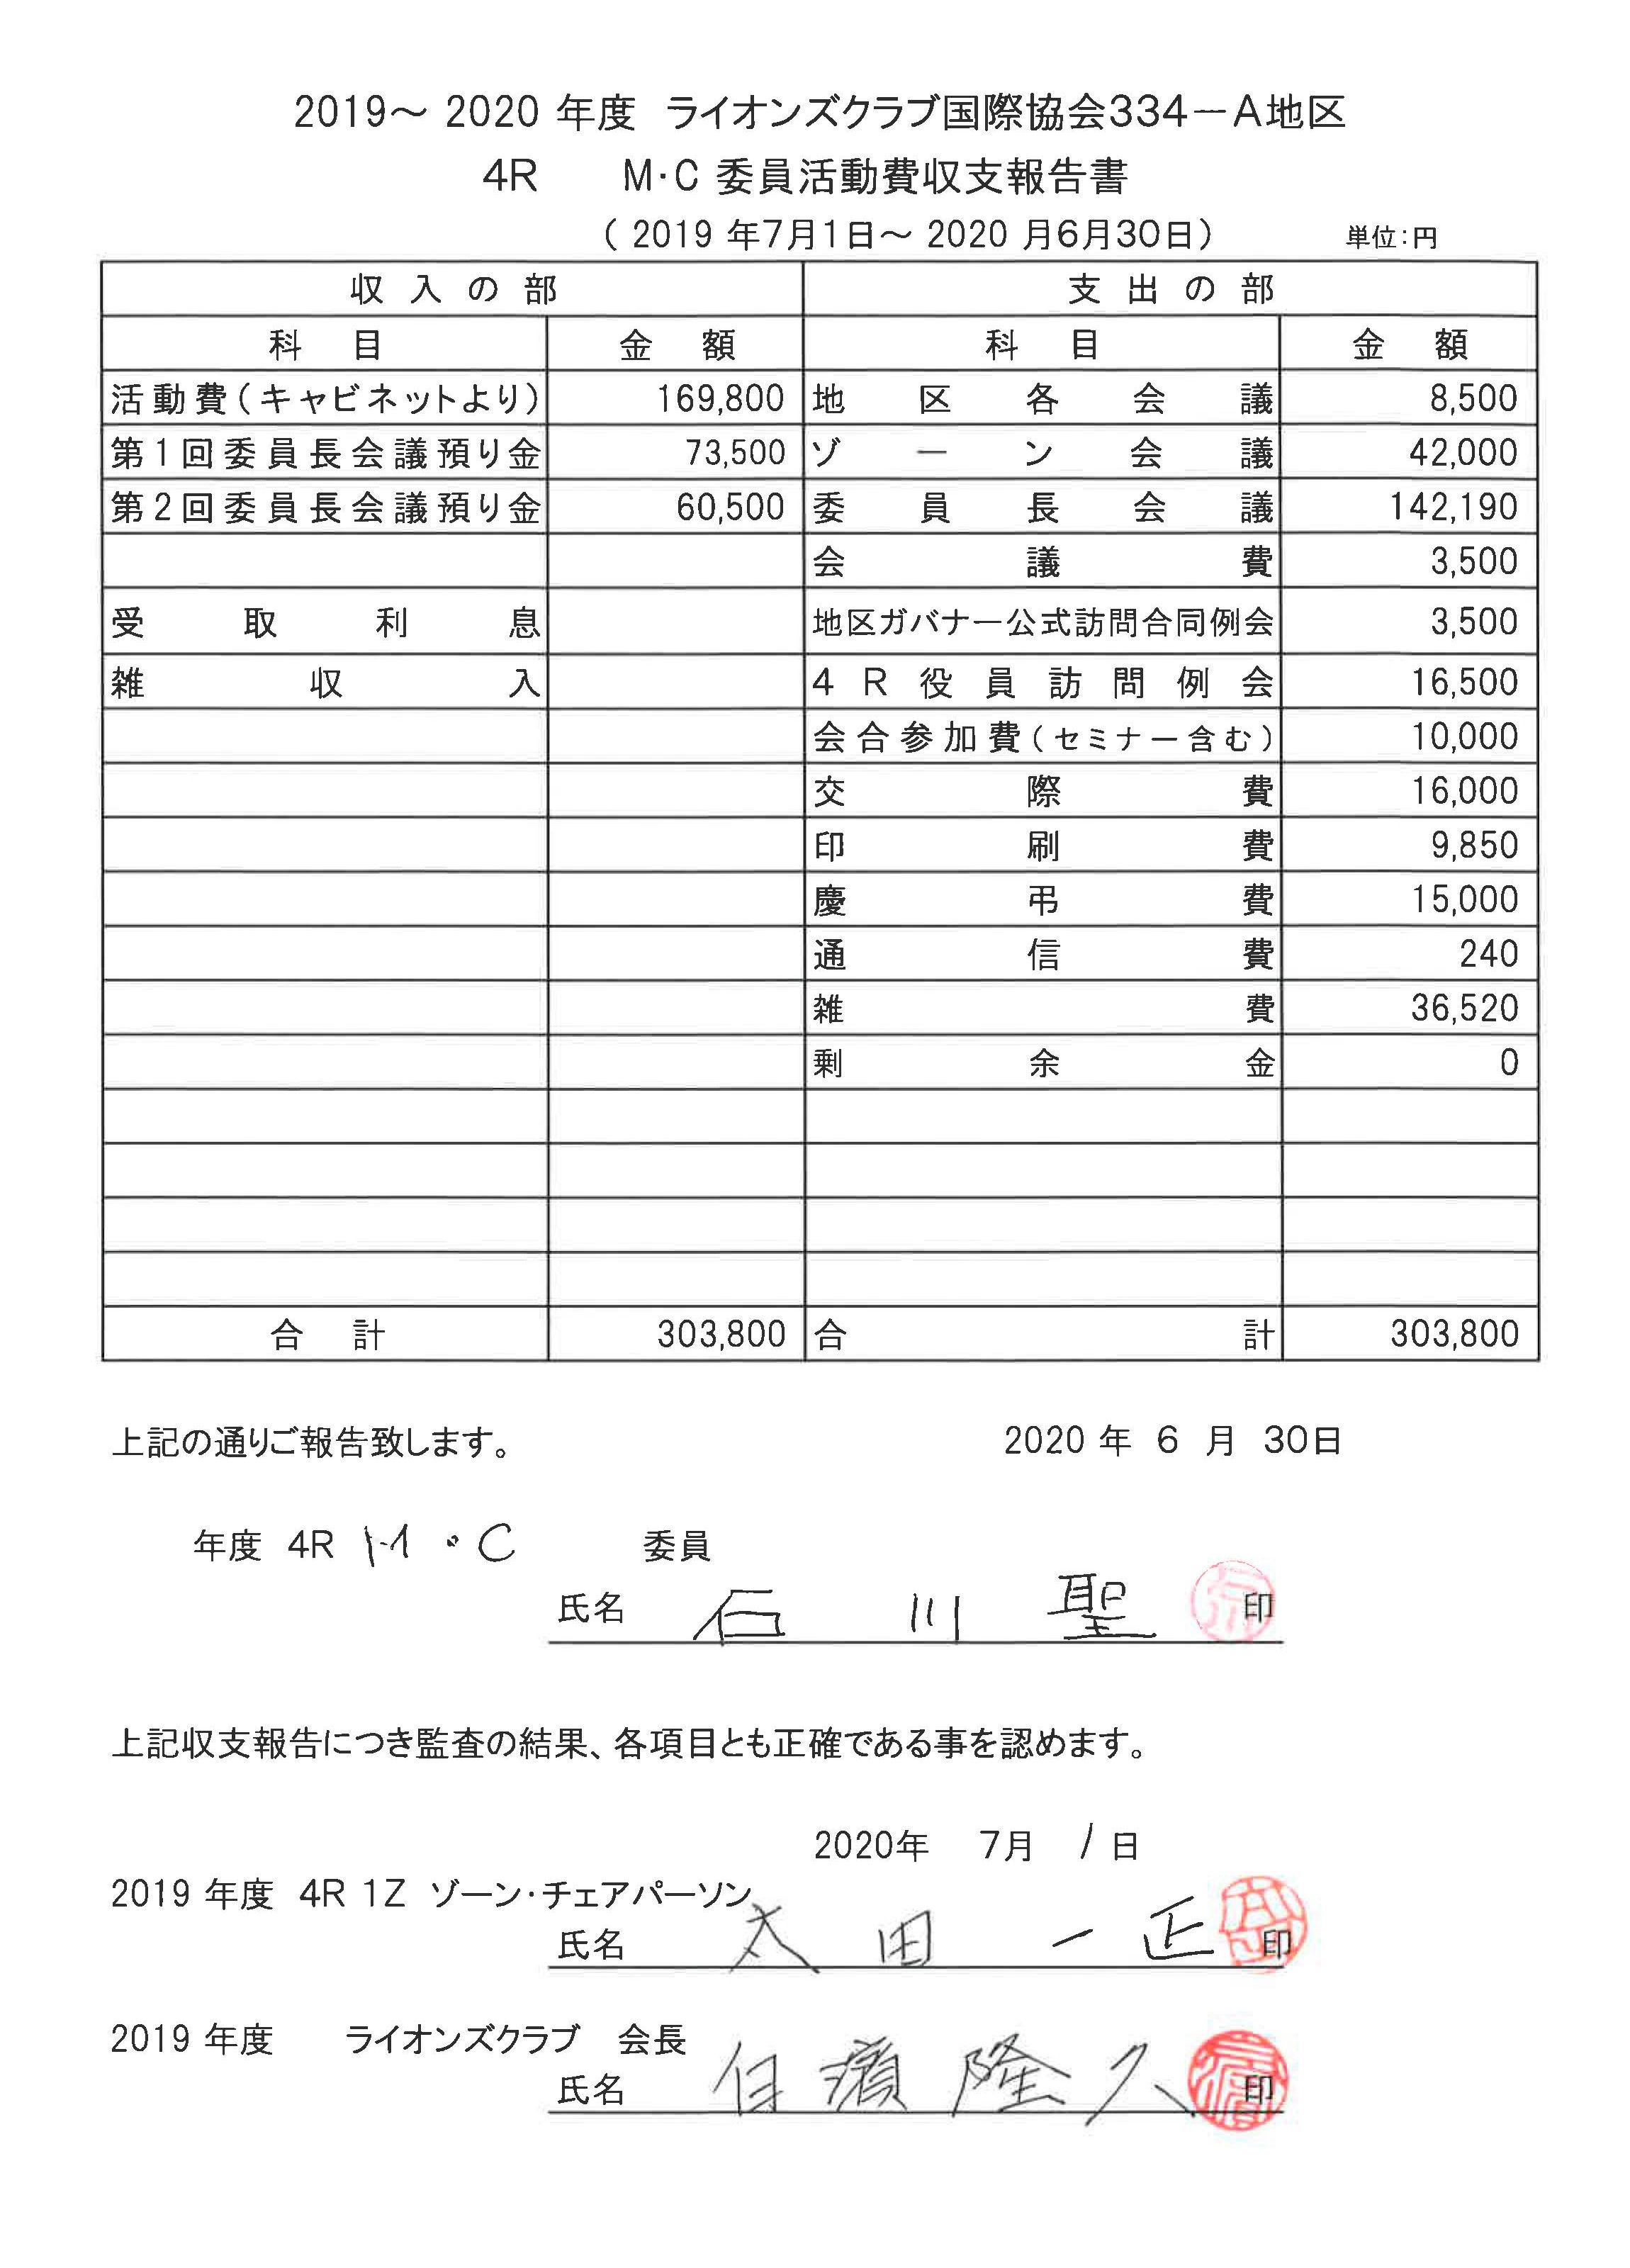 16 4R M・C委員活動収支報告書